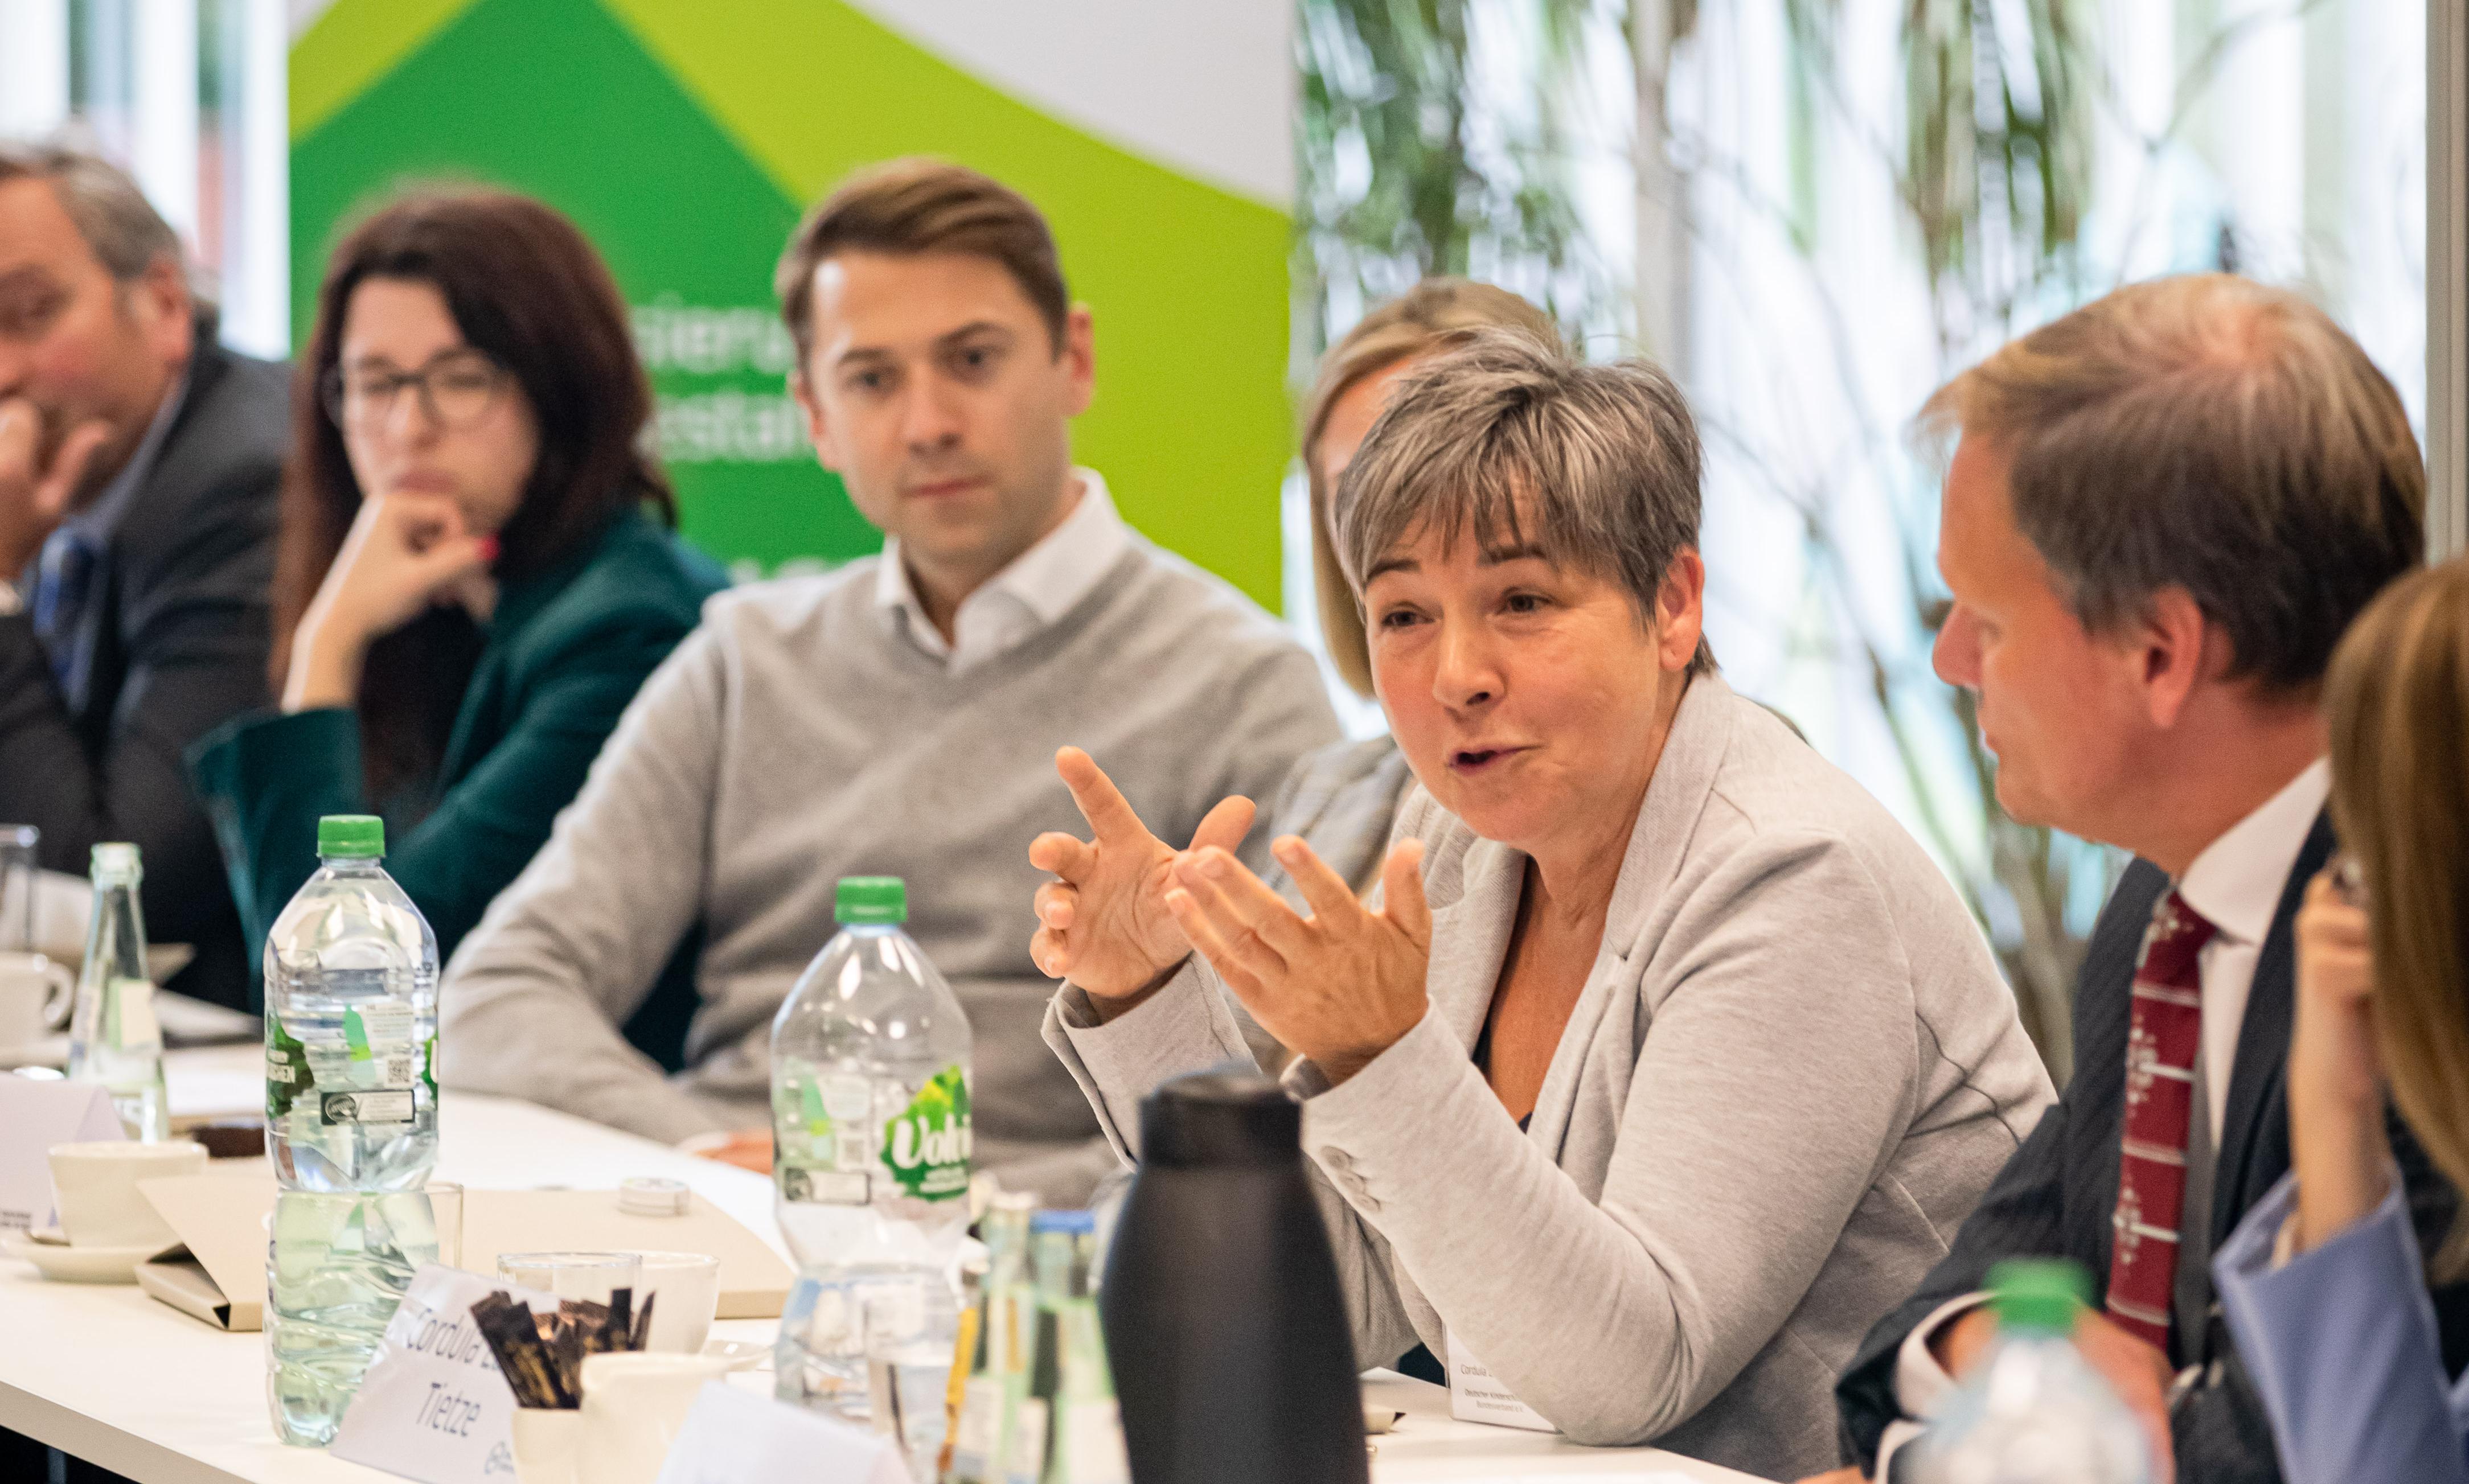 Cordula Lasner-Tietze vom deutschen Kinderschutzbund auf der DsiN Mitgliederversammlung 2019